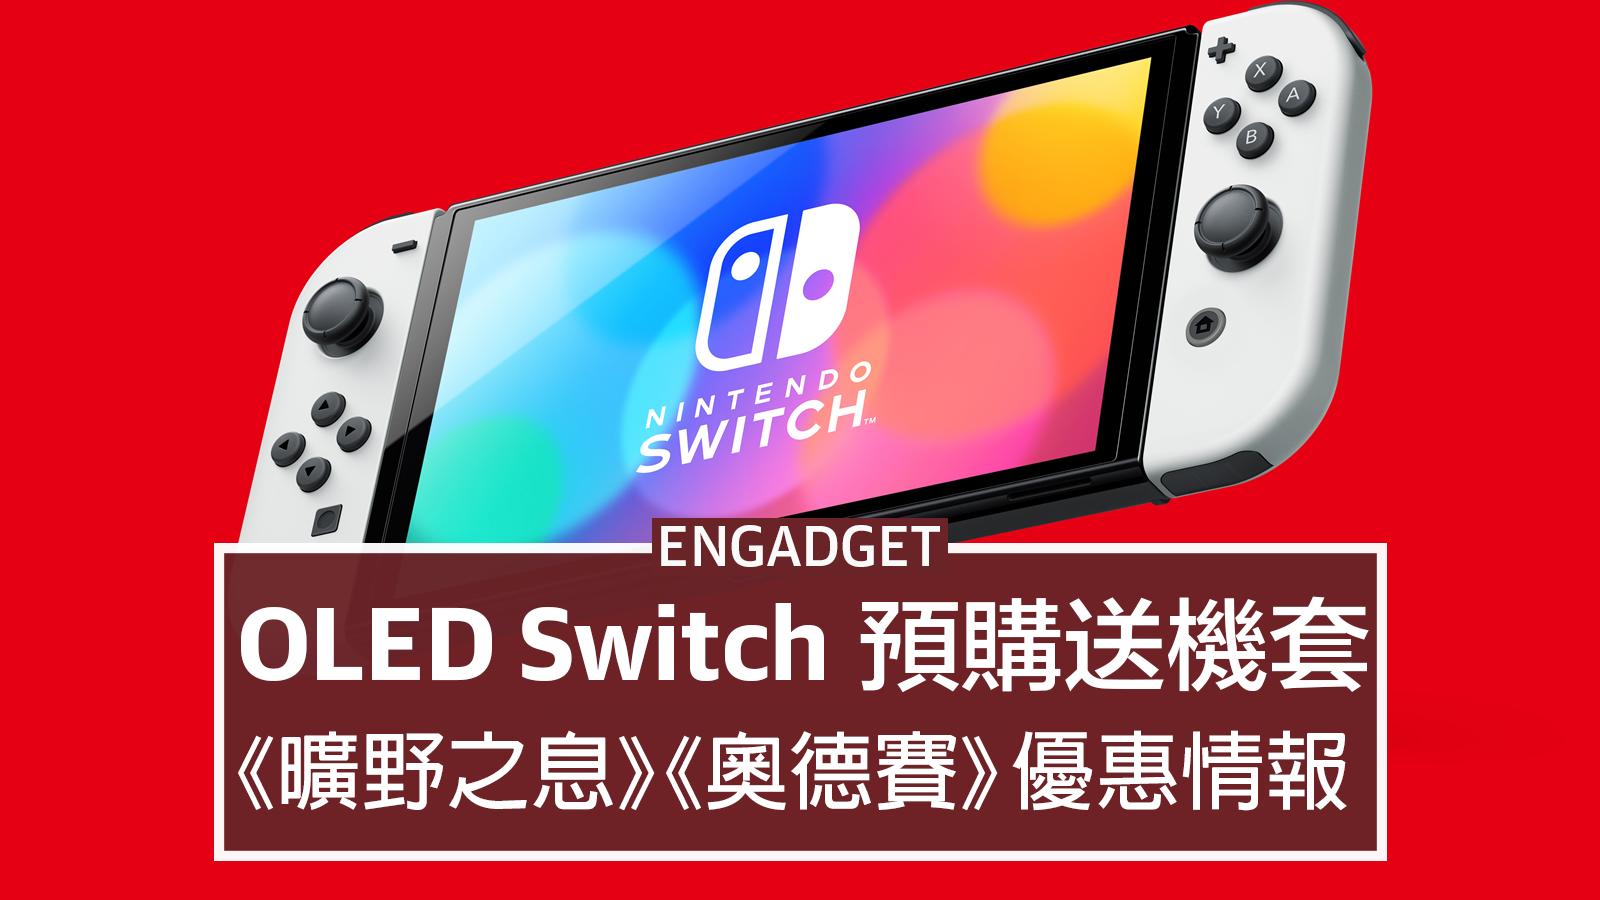 Engadget Weekly Best deal 20210917